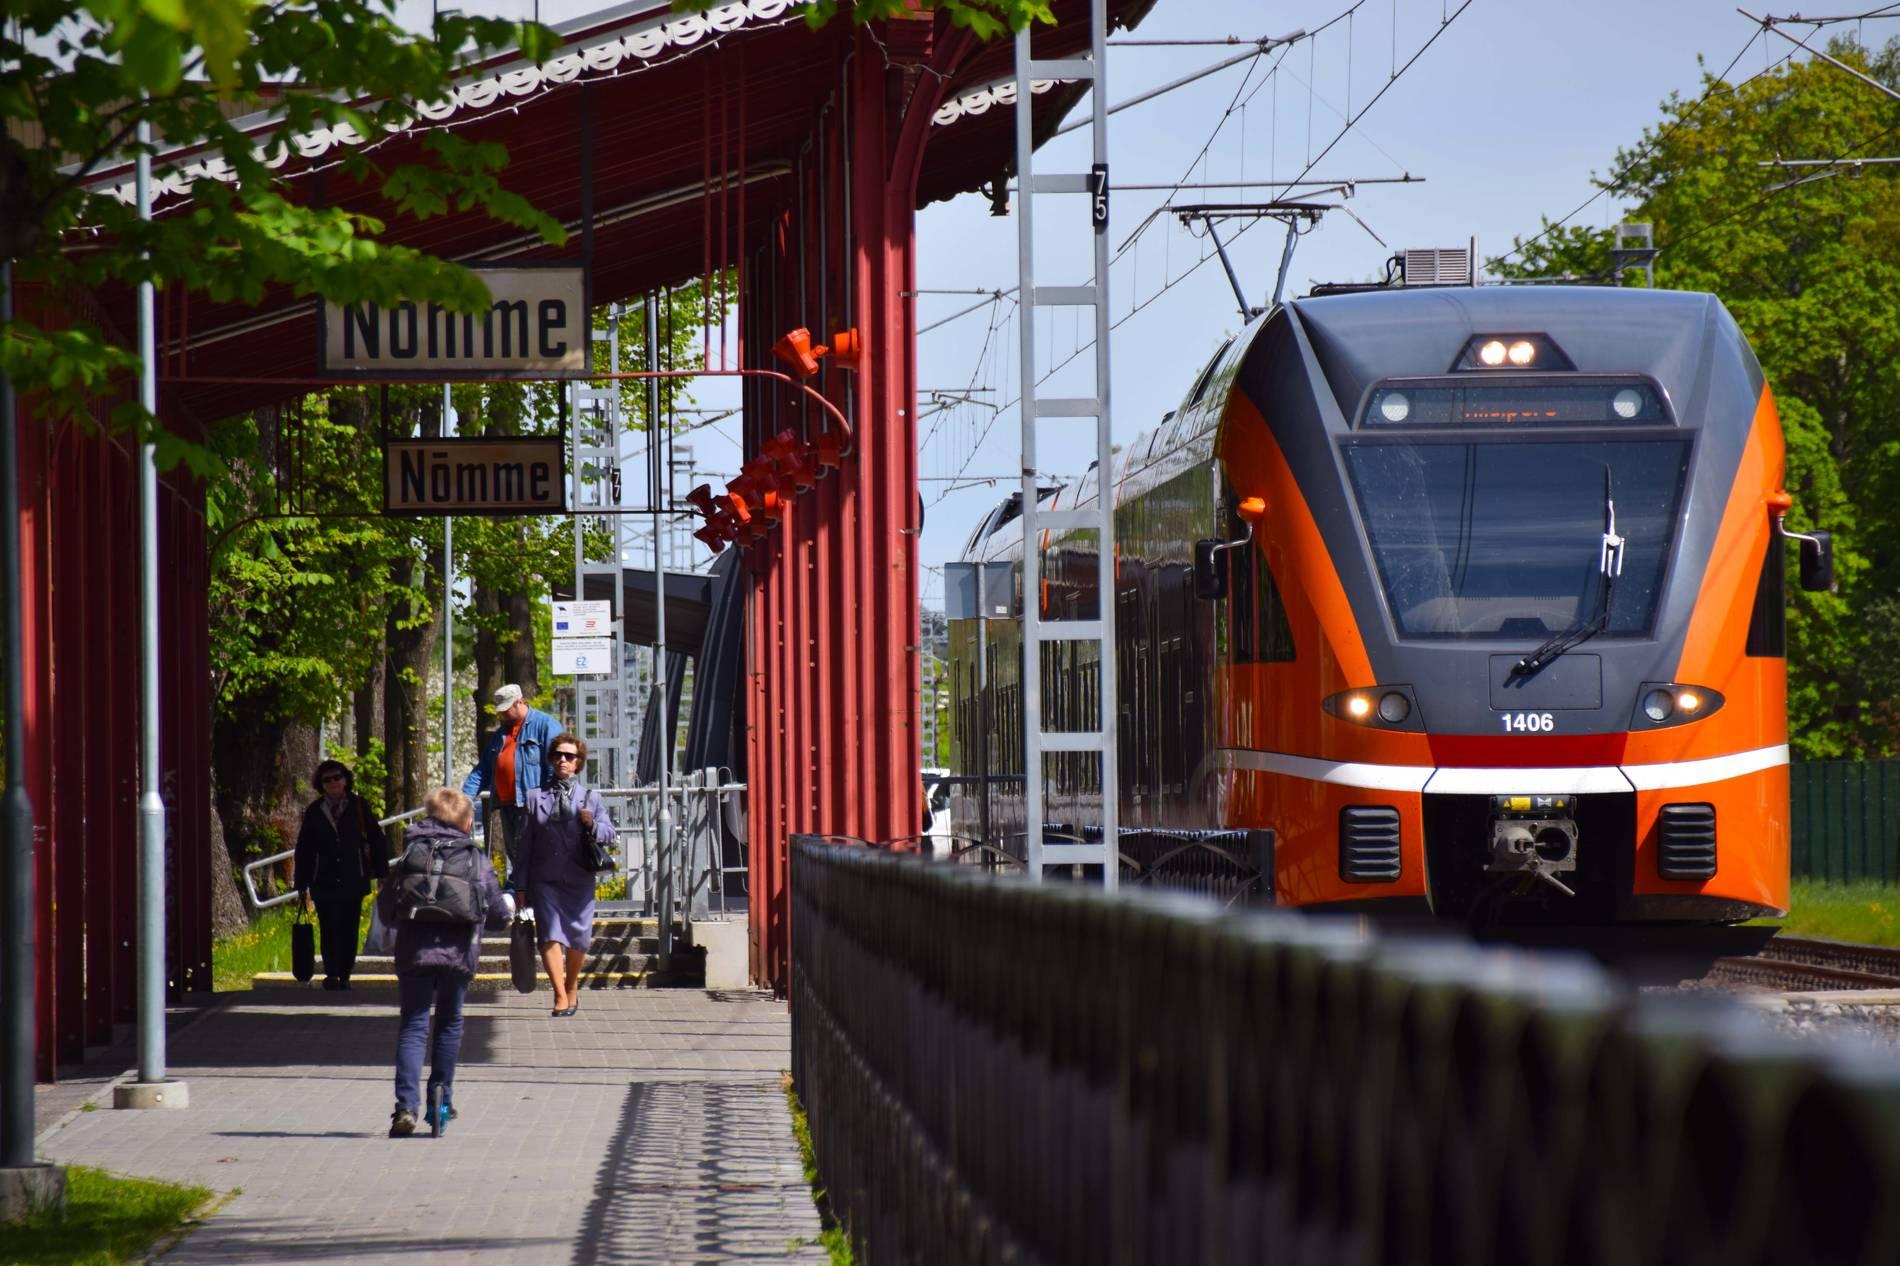 Railway station of Nõmme in Tallinn, Estonia